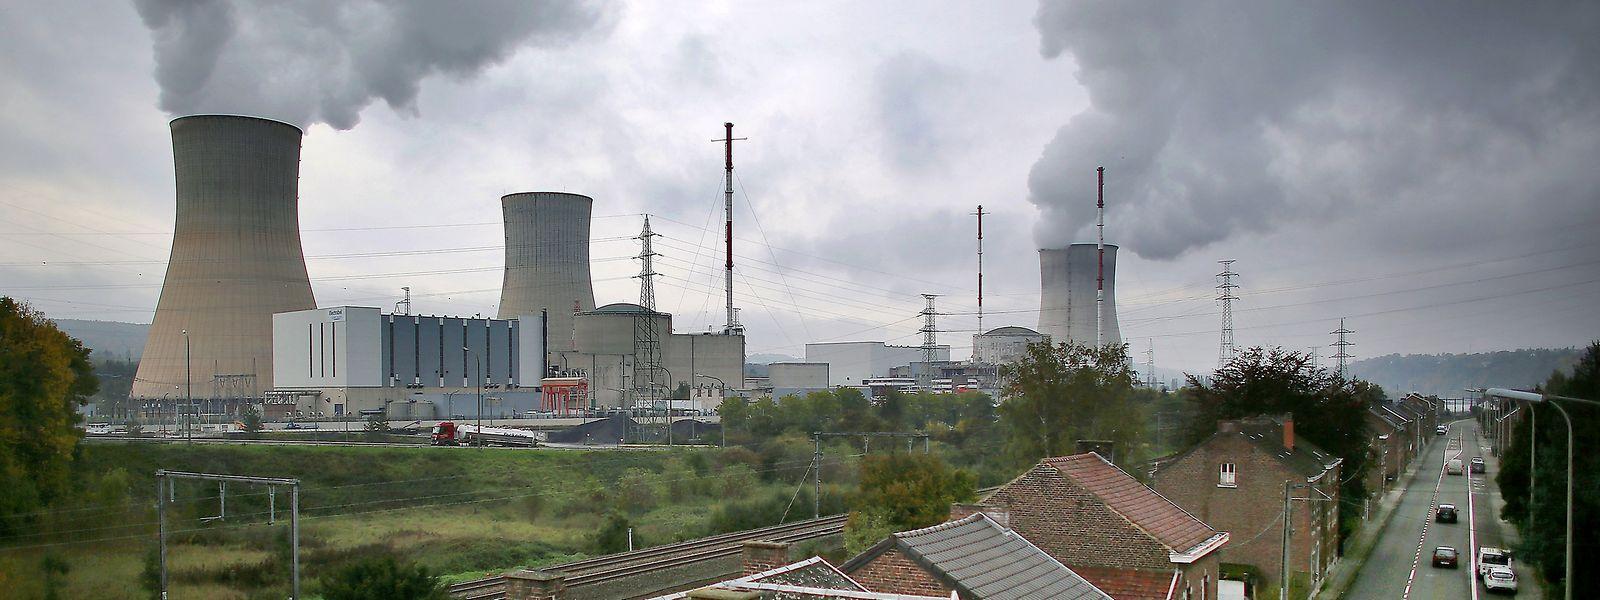 Das Atomkraftwerk Thiange steht seit Jahren in der Kritik. Von vielen Seiten wird die Abschaltung des Reaktors gefordert.